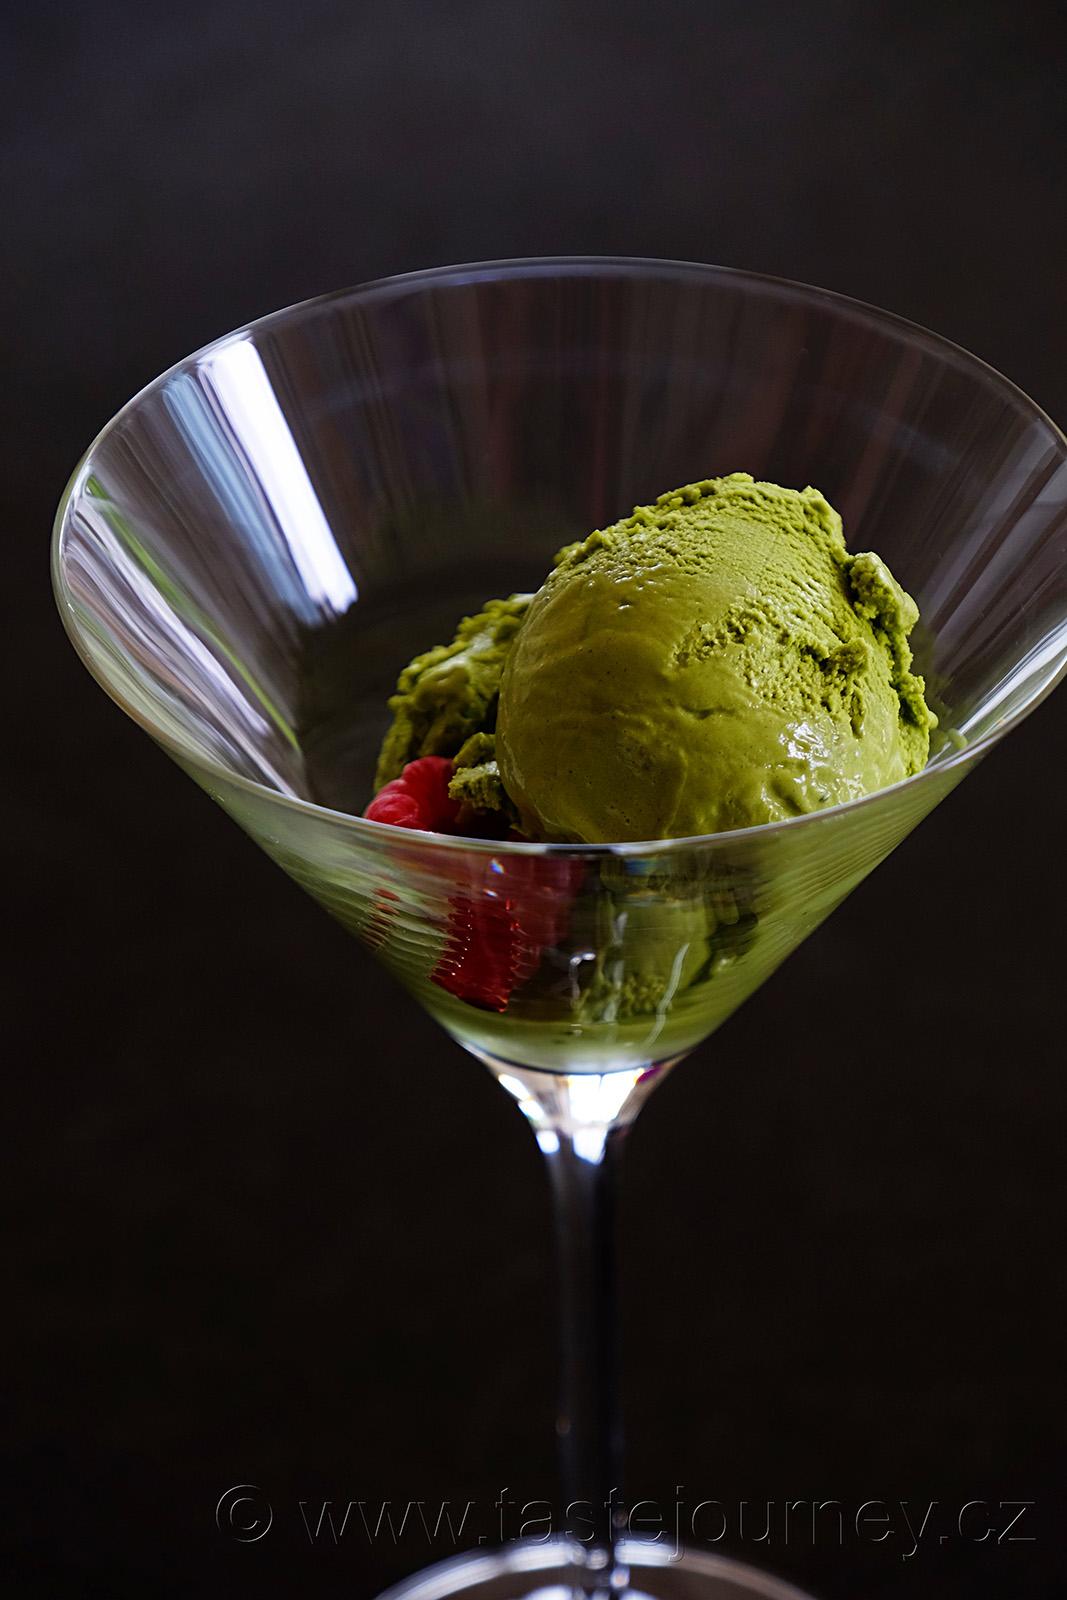 Specifická chuť i zdravotní benefity - matcha zmrzlina